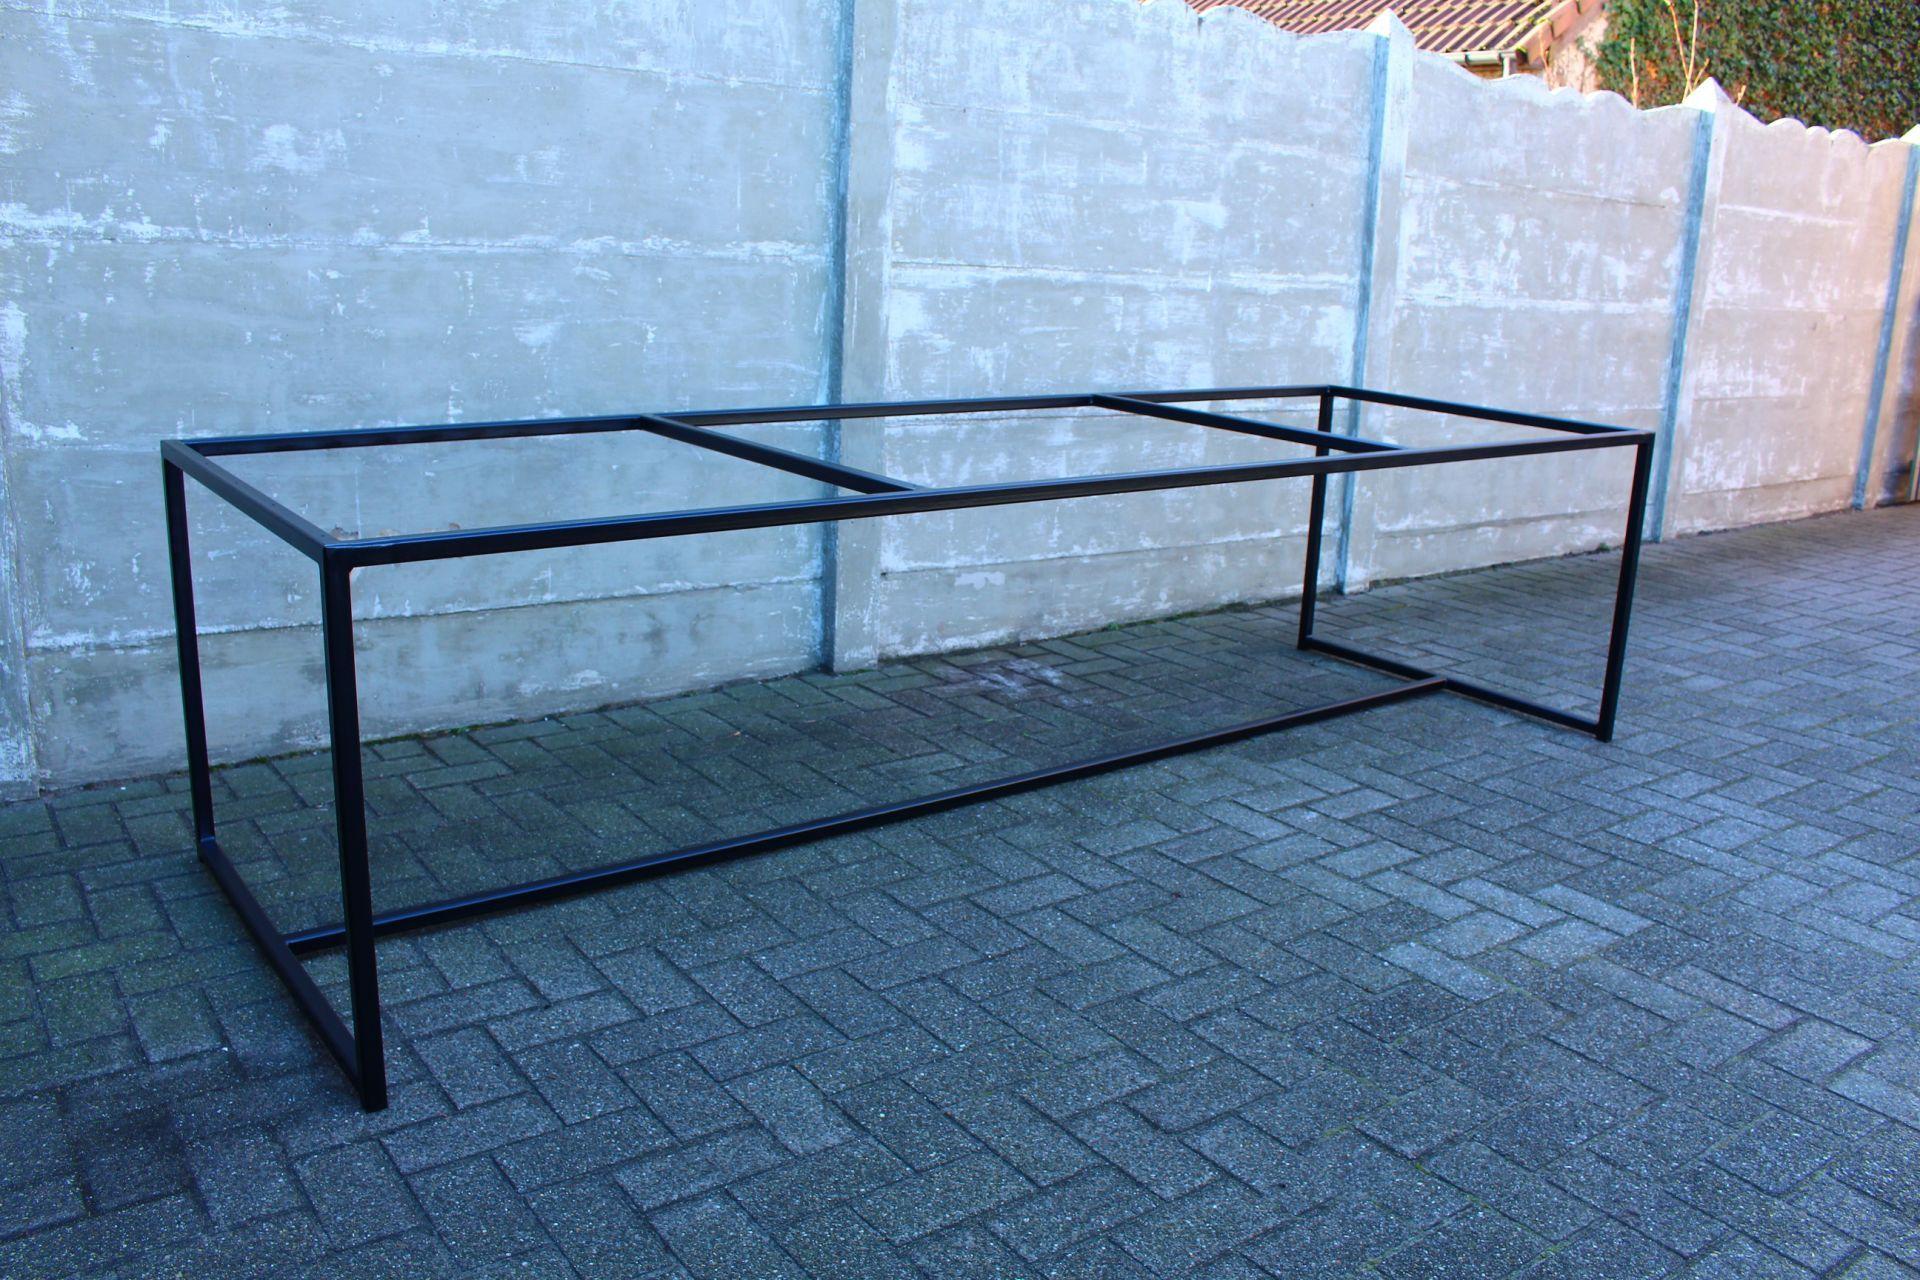 Ijzeren Onderstel Tafel : Tafel met ijzeren onderstel salontafels metalen frame travertin